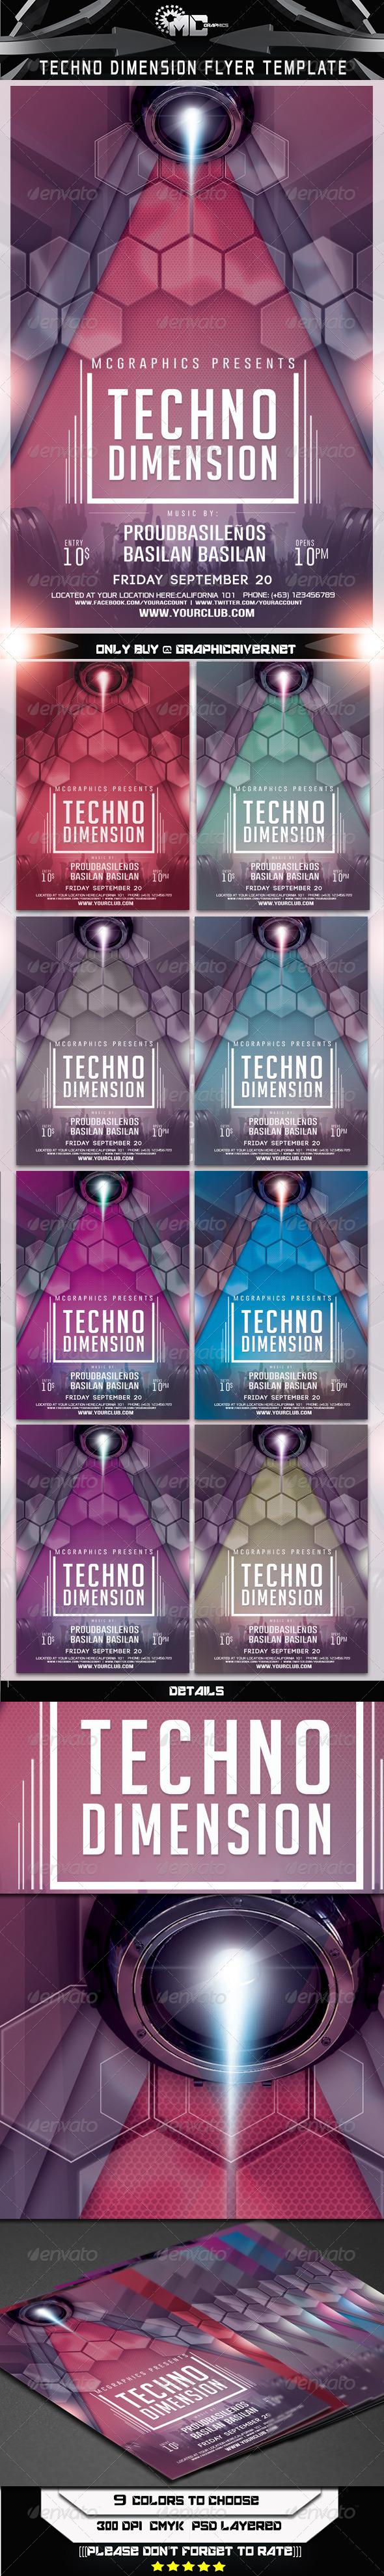 GraphicRiver Techno Dimension Flyer Template 6984423